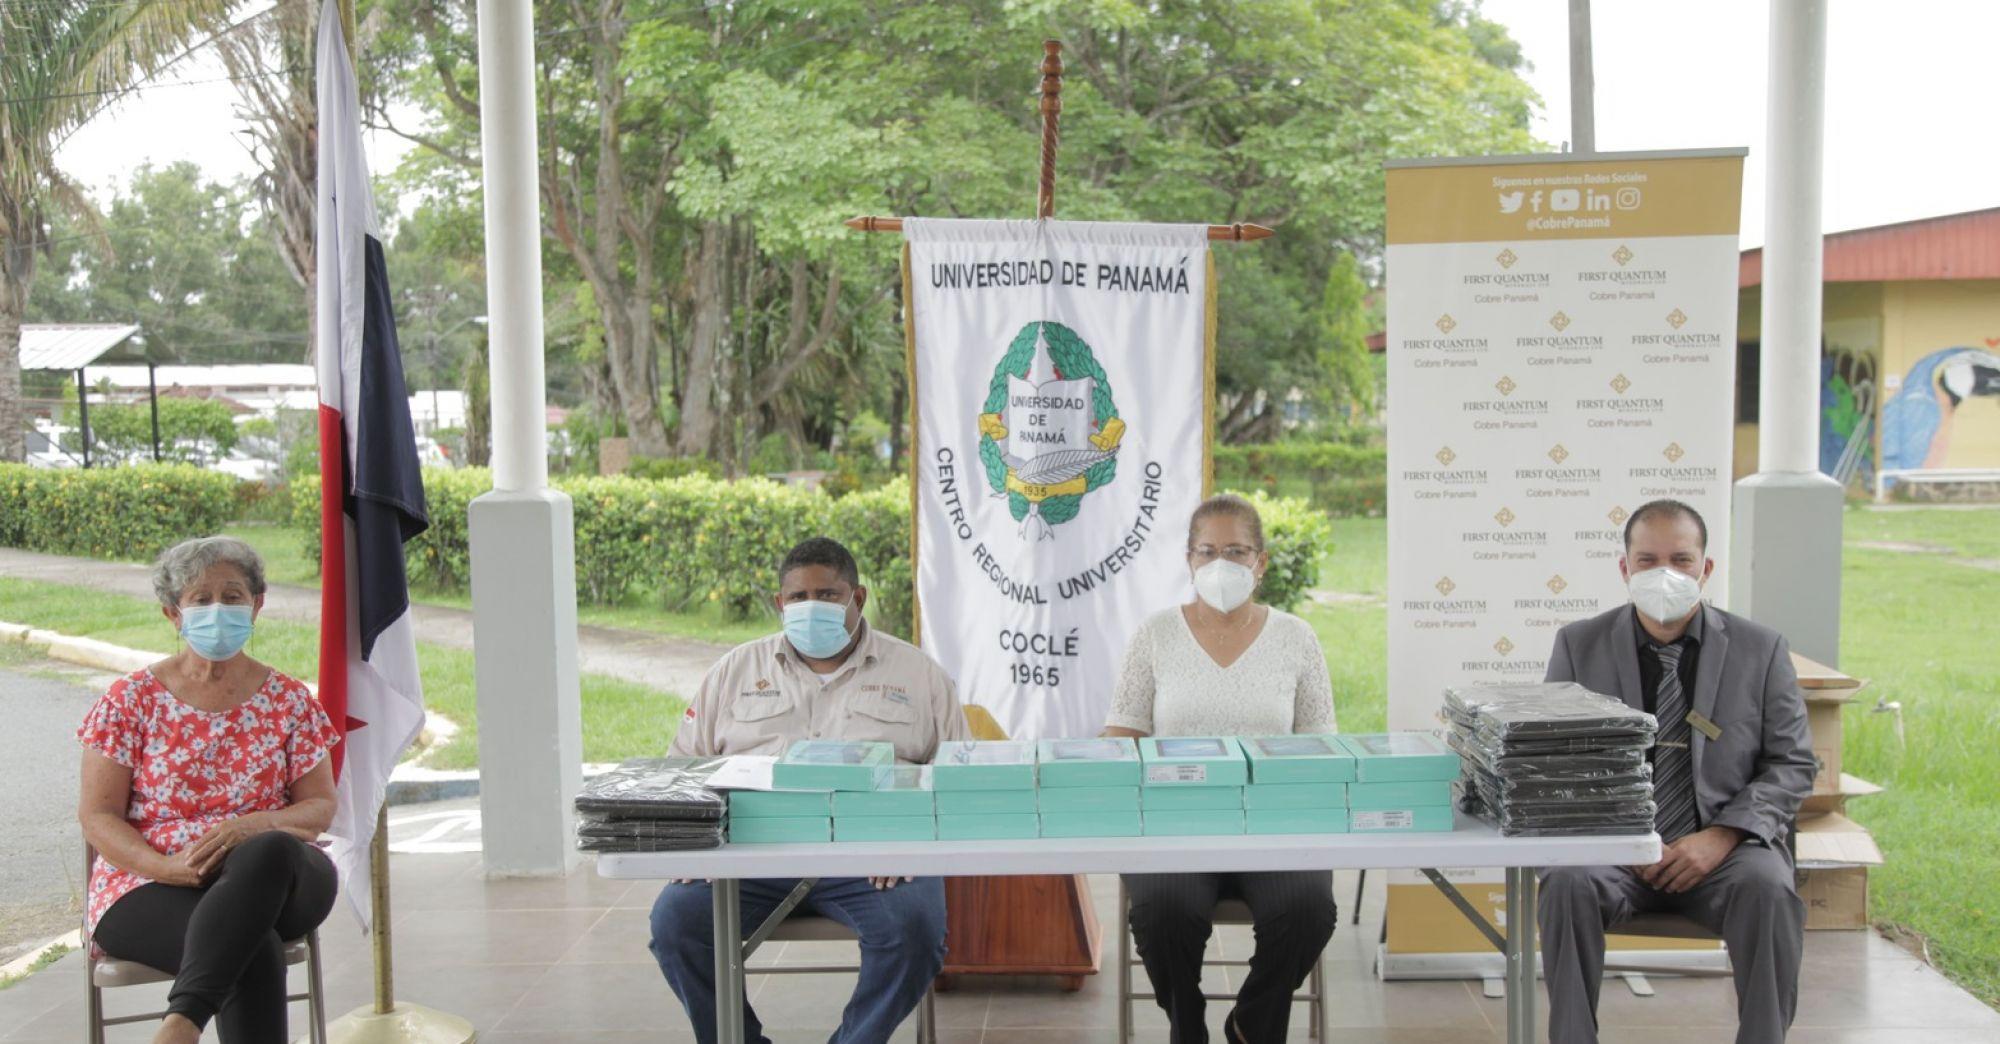 ESTUDIANTES DE COMUNIDADES APARTADAS CUENTAN CON EQUIPOS PARA CONTINUAR SUS ESTUDIOS VIRTUALES-0